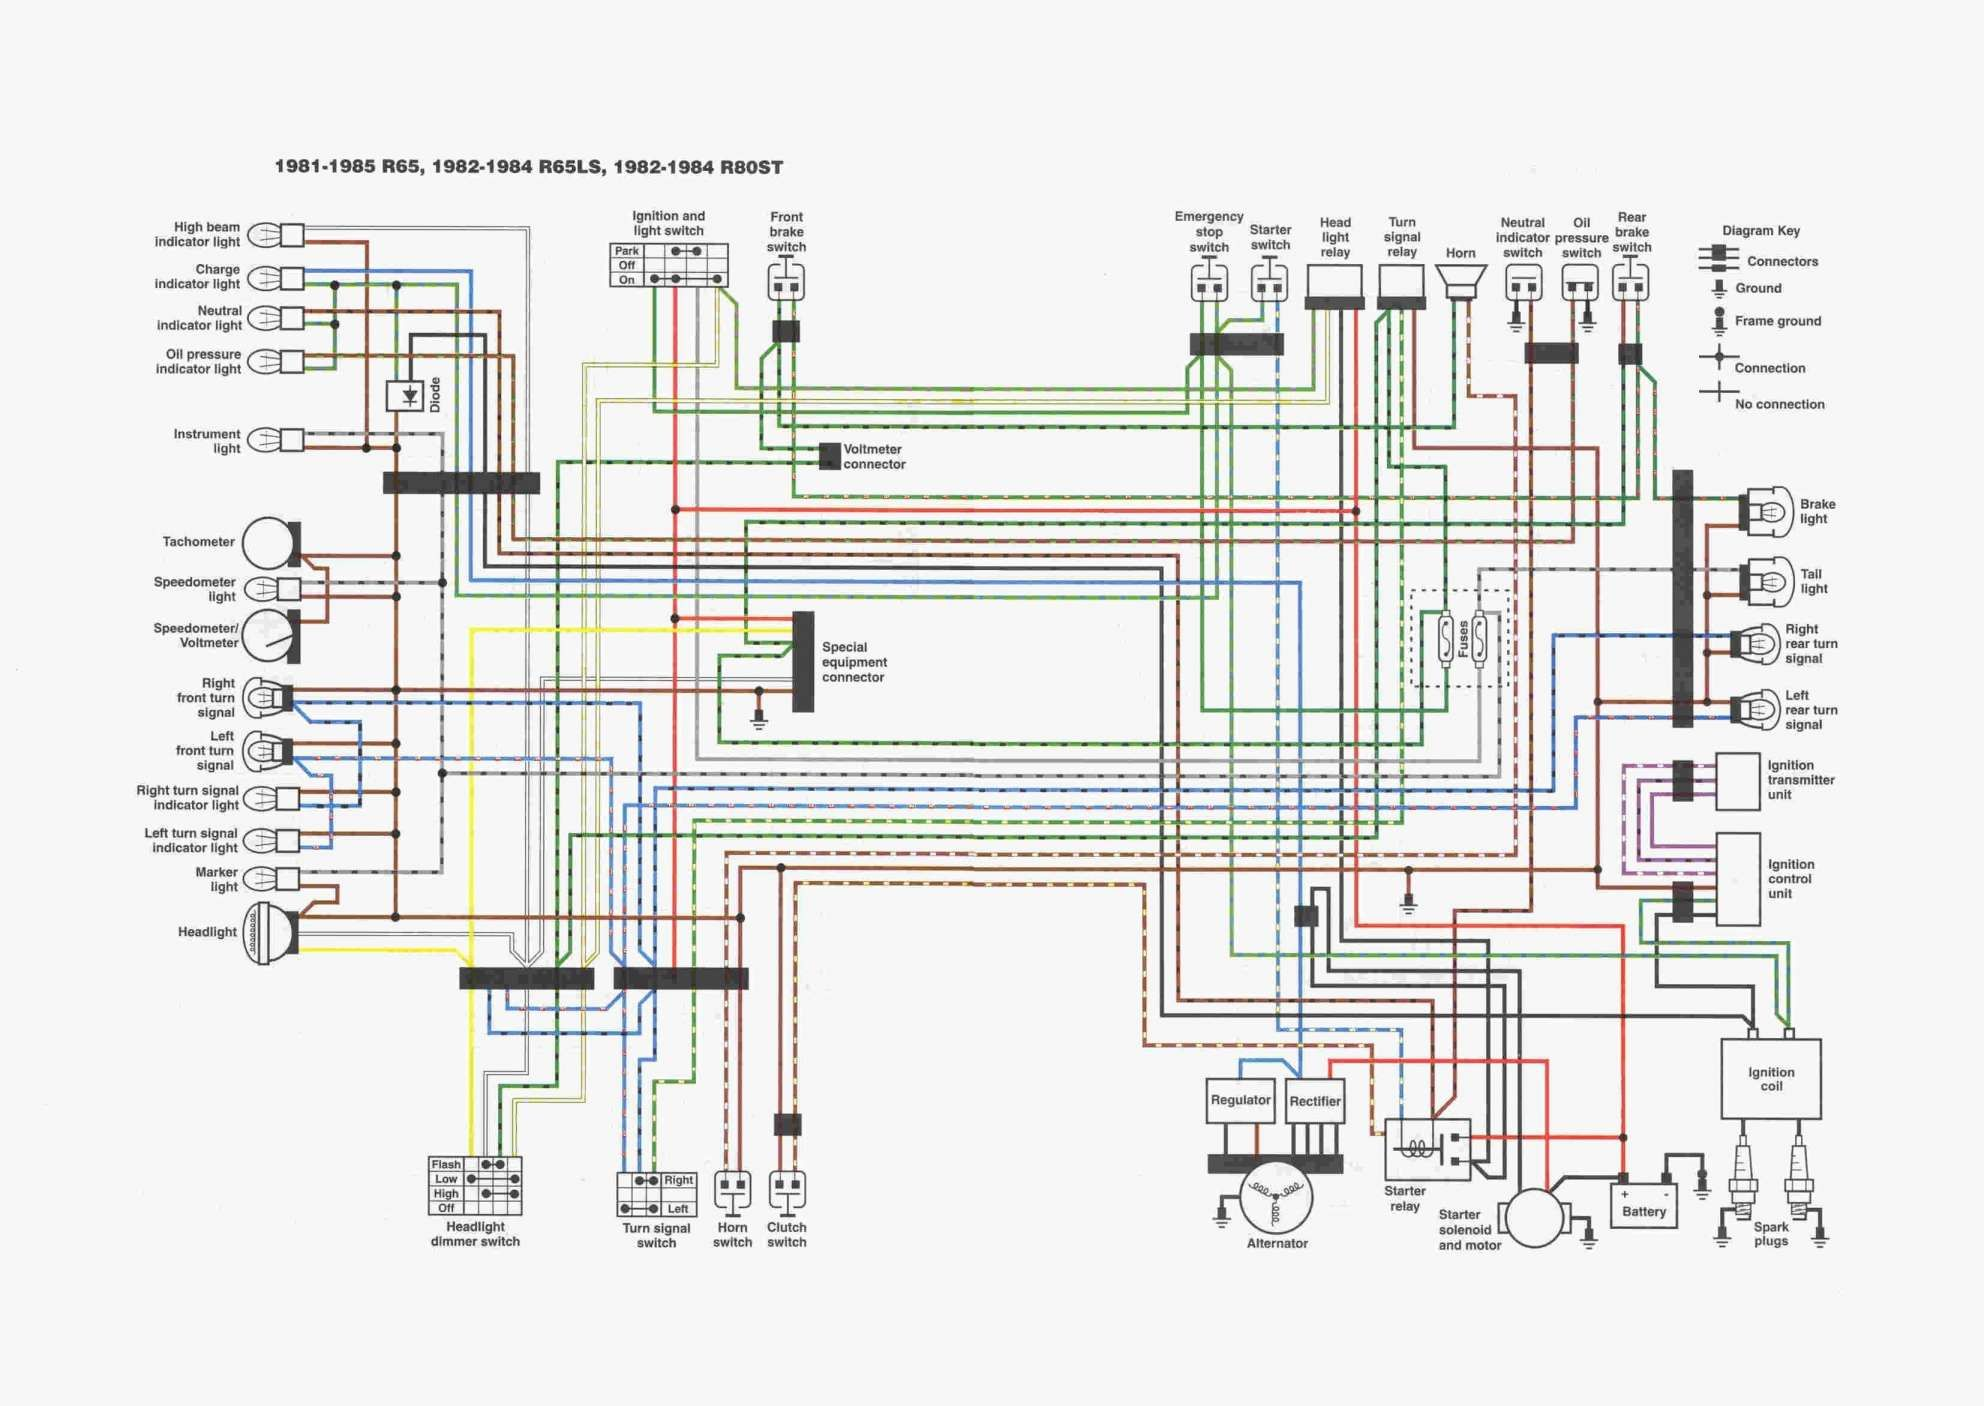 15 Bmw N52 Engine Wiring Diagram Engine Diagram Wiringg Net In 2020 Bmw Electrical Wiring Diagram Diagram